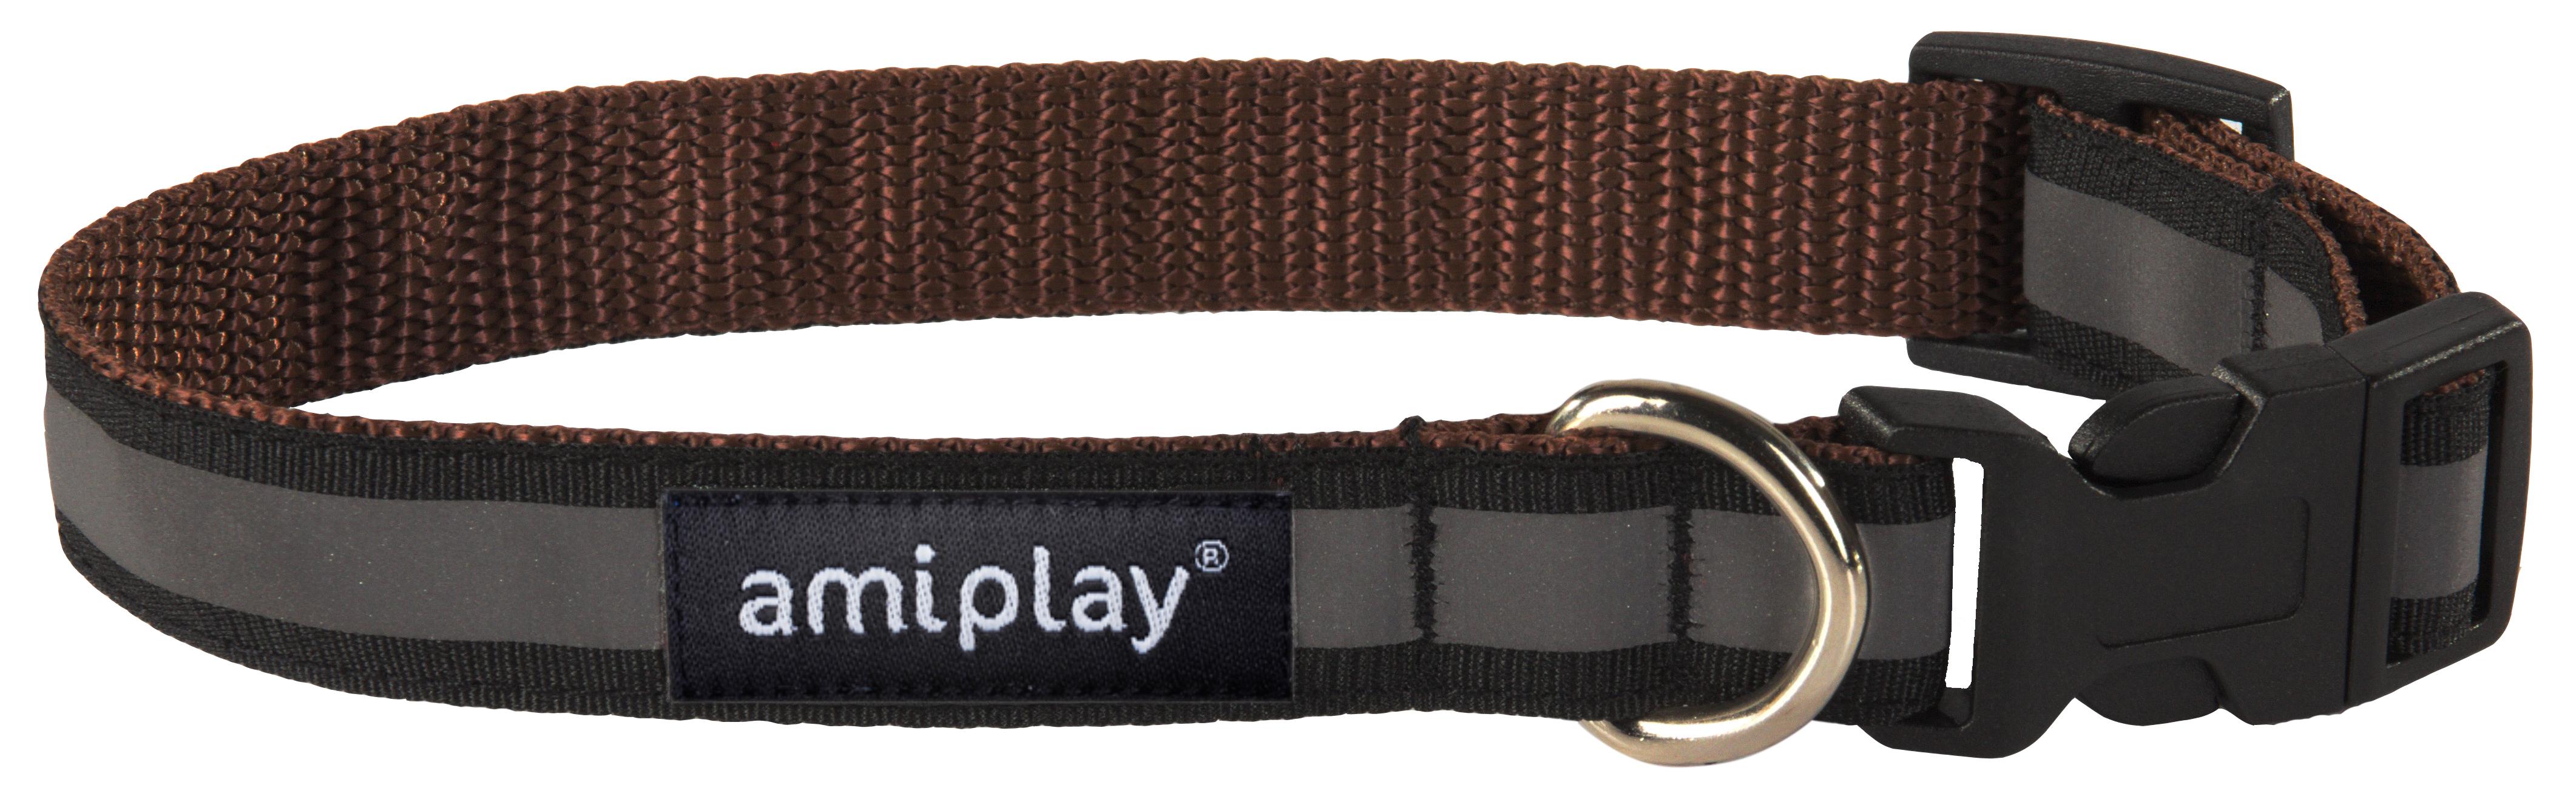 Obojek pro psa nylonový reflexní - hnědý - 2,5 x 34 - 55 cm